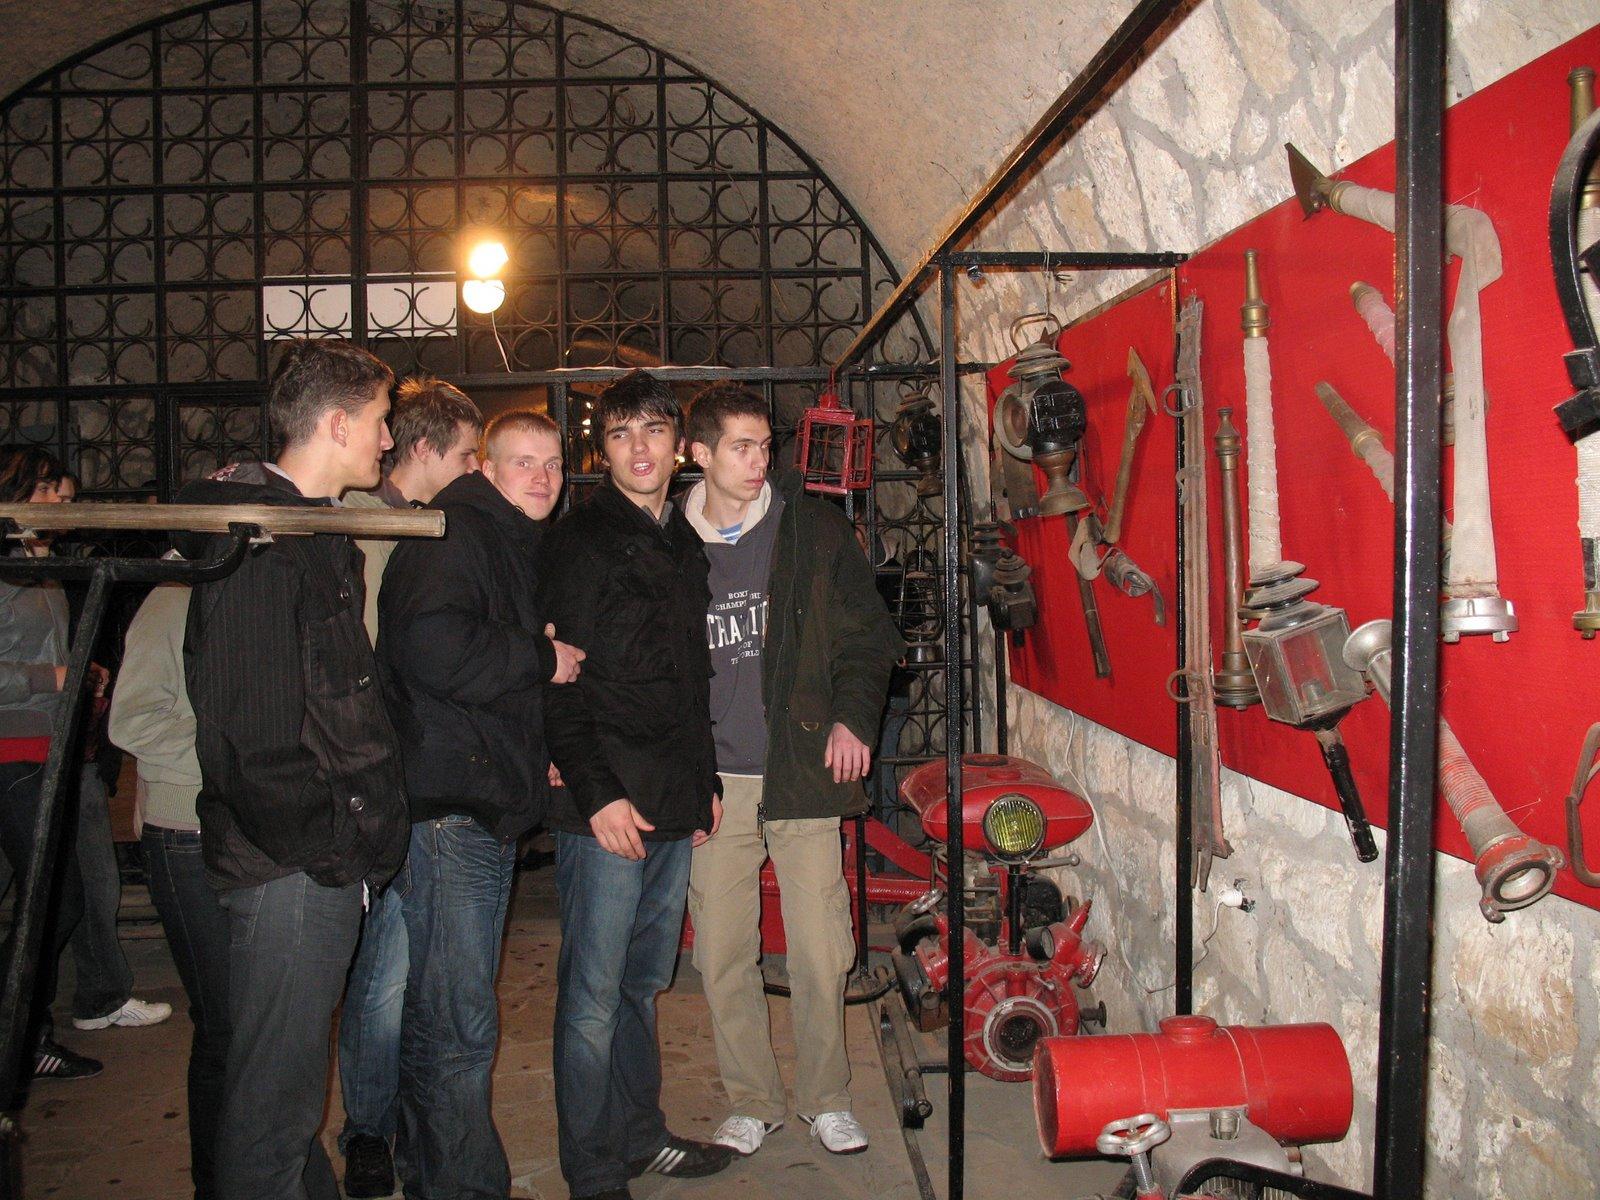 Photo: Twierdza kłodzka - wystawa sprzętu pożarniczego